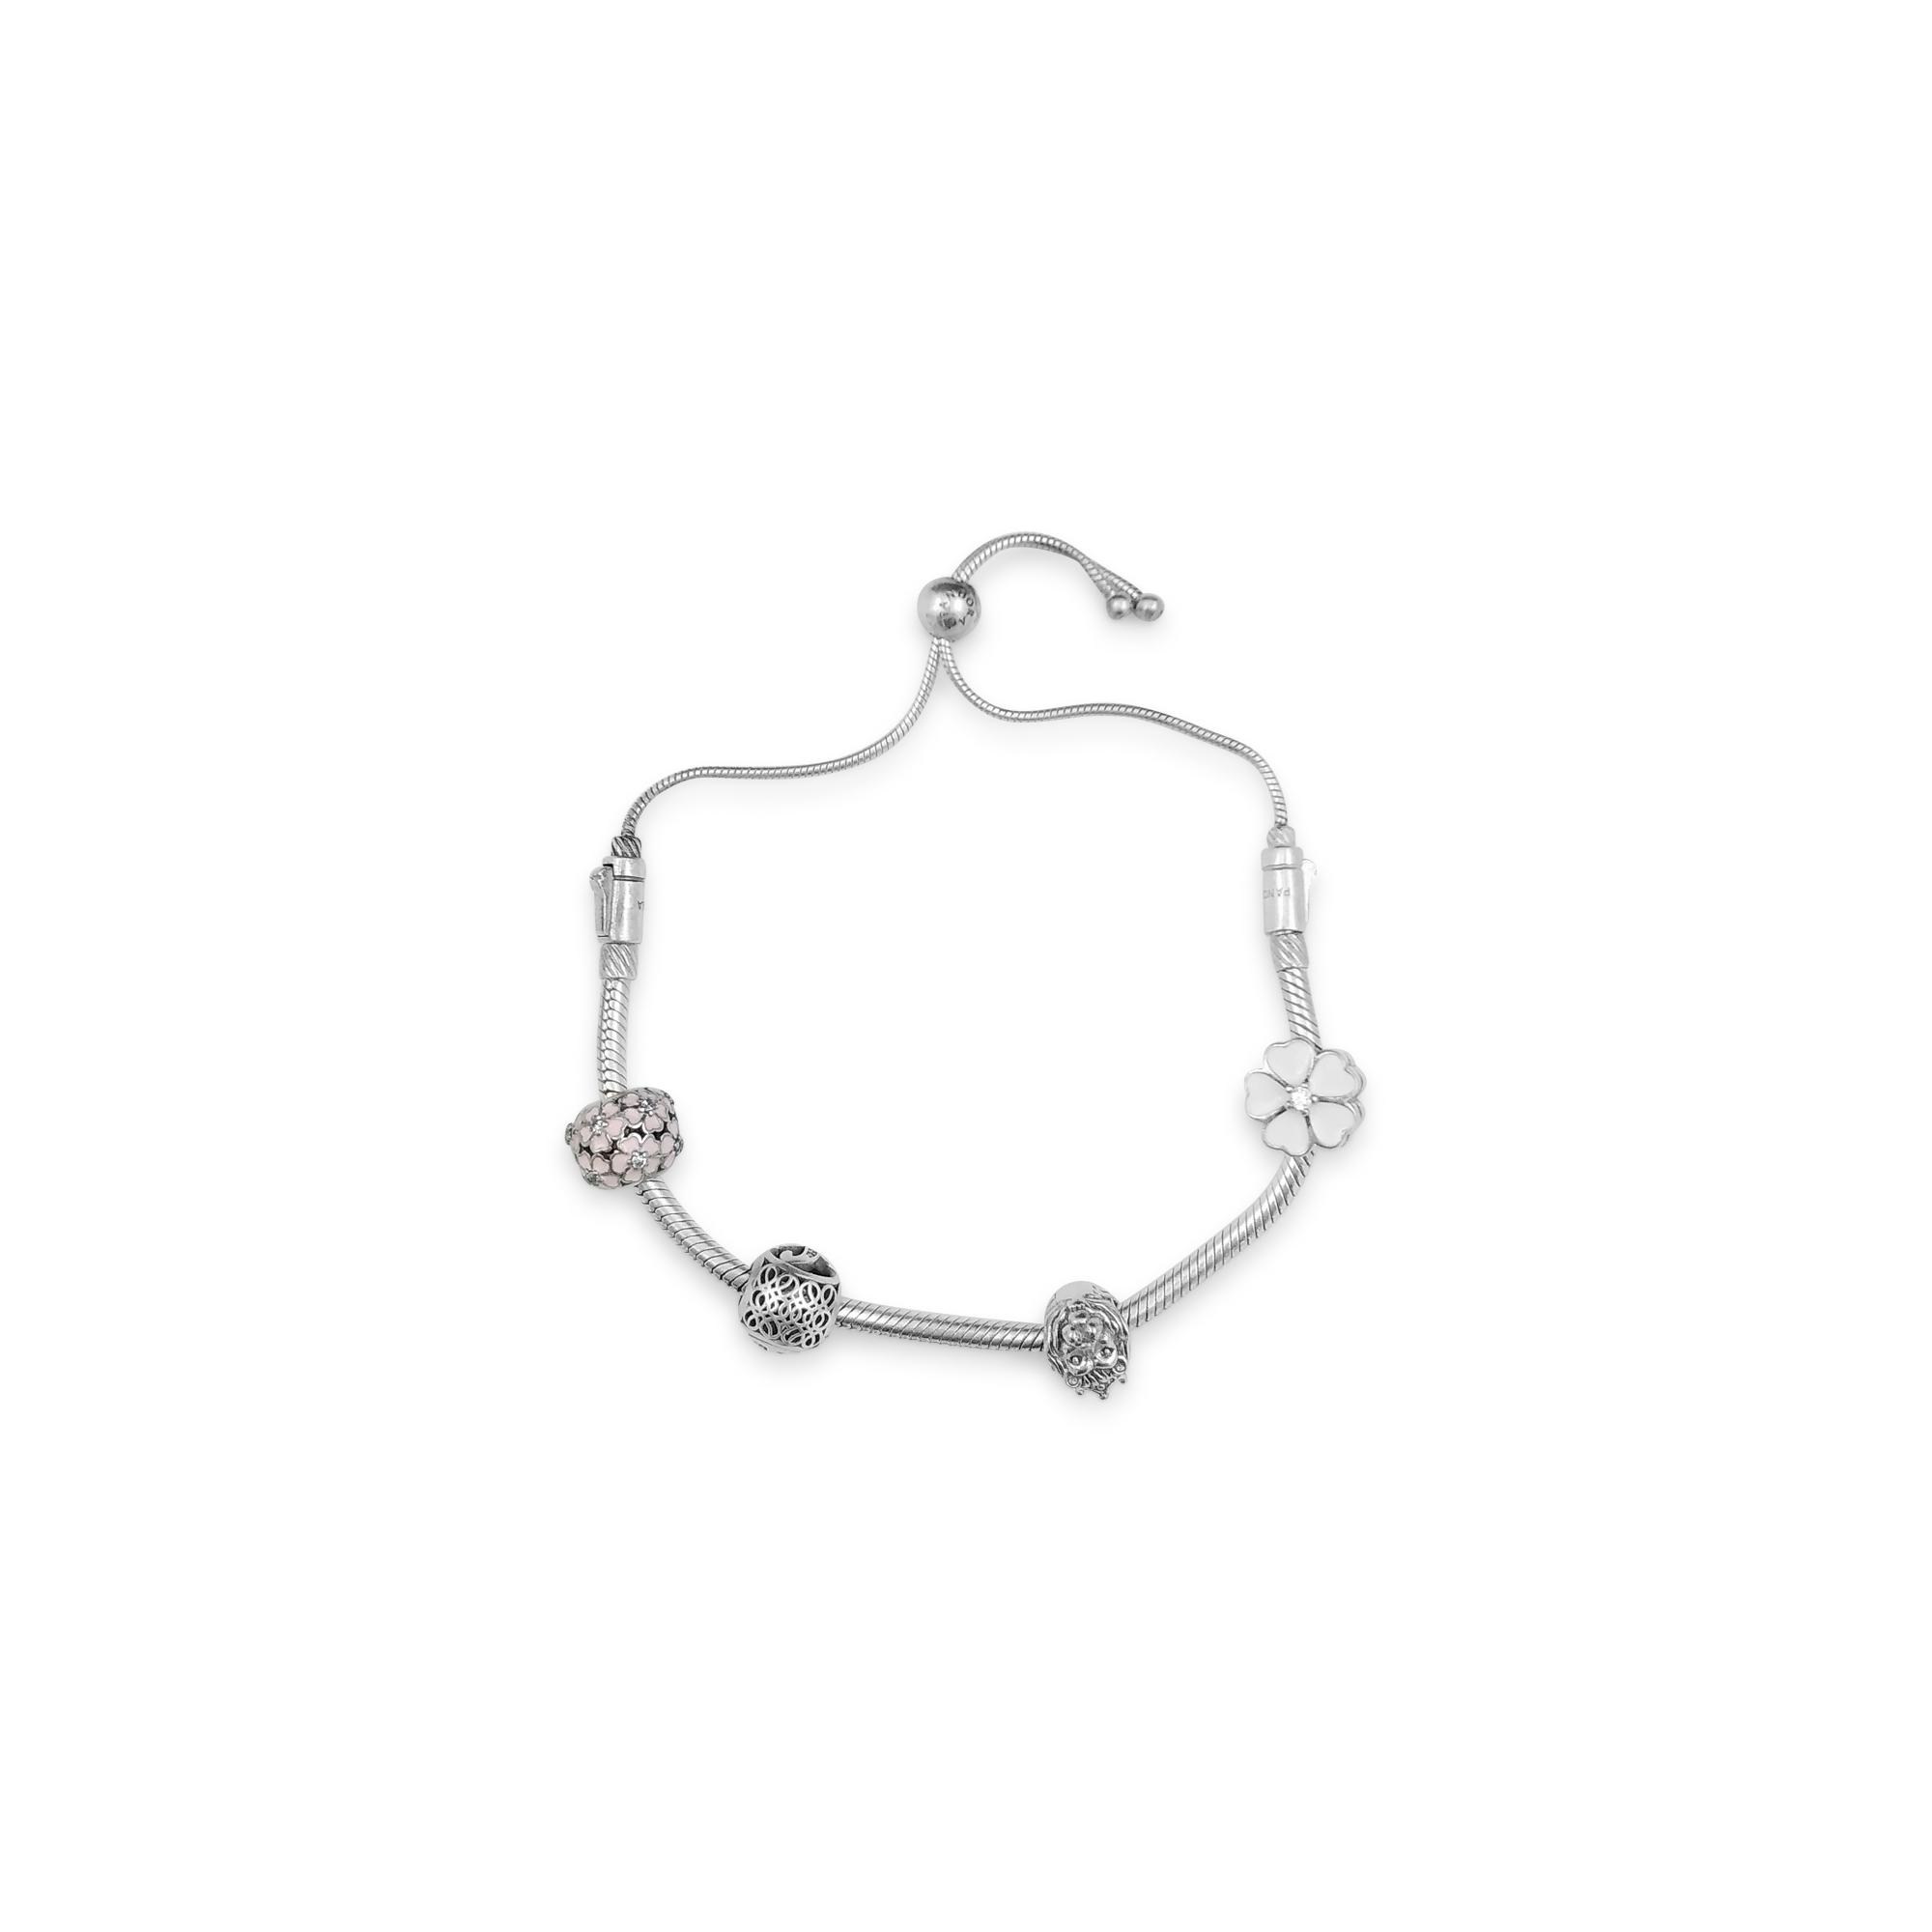 Floral Charm Bracelet Online